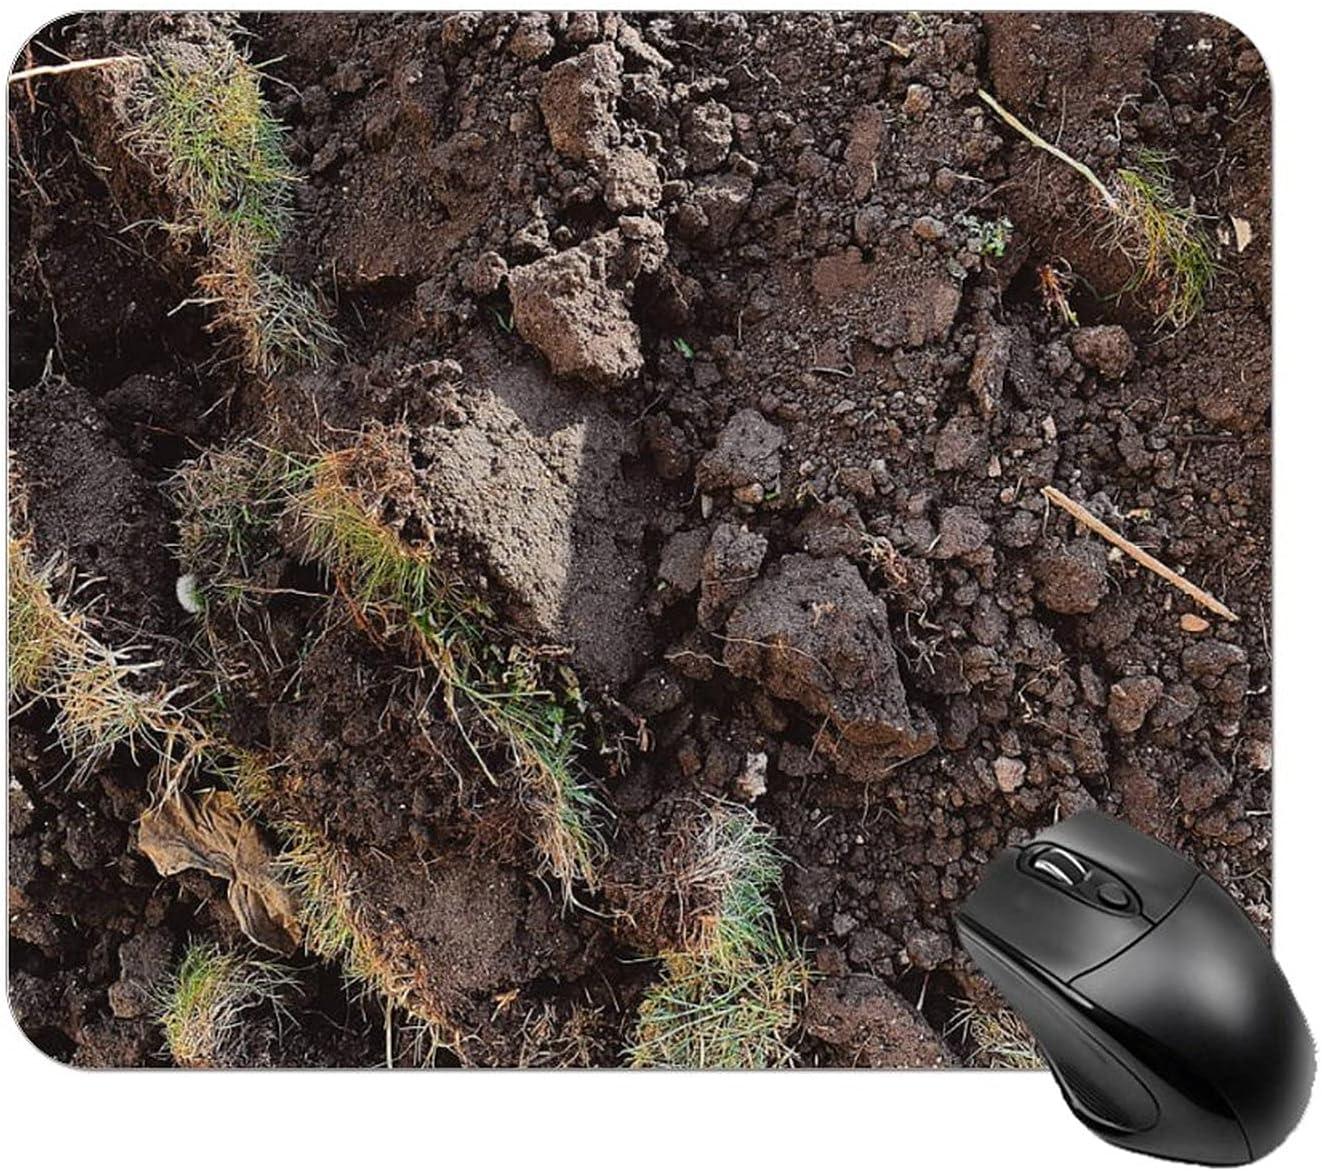 Brown Soil Mouse Genuine Pad Personalized Design Max 65% OFF Square Rubber Non-Slip